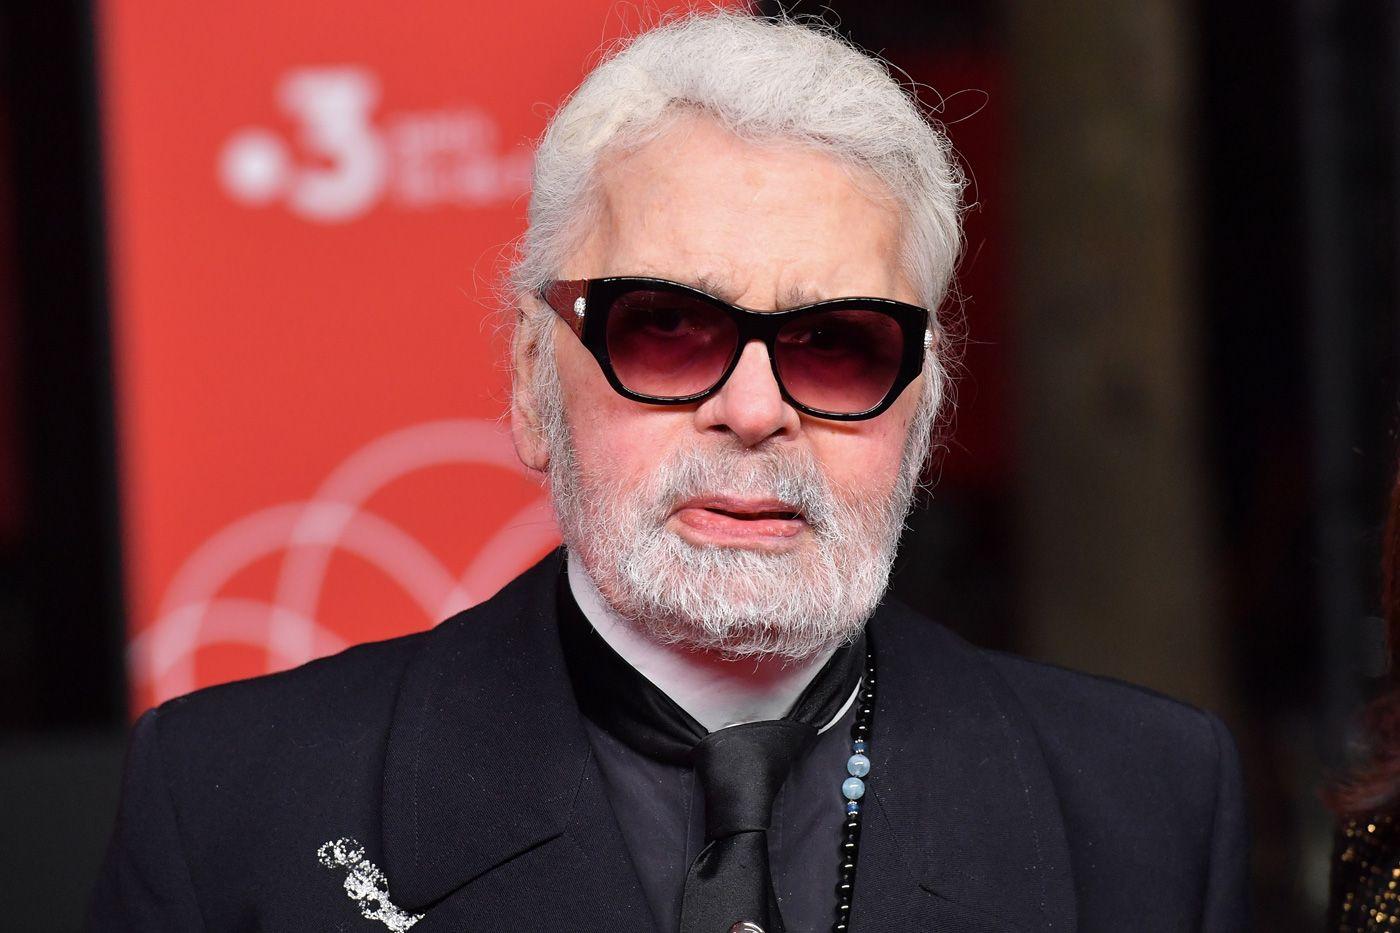 Moda in lutto, è morto lo stilista Karl Lagerfeld